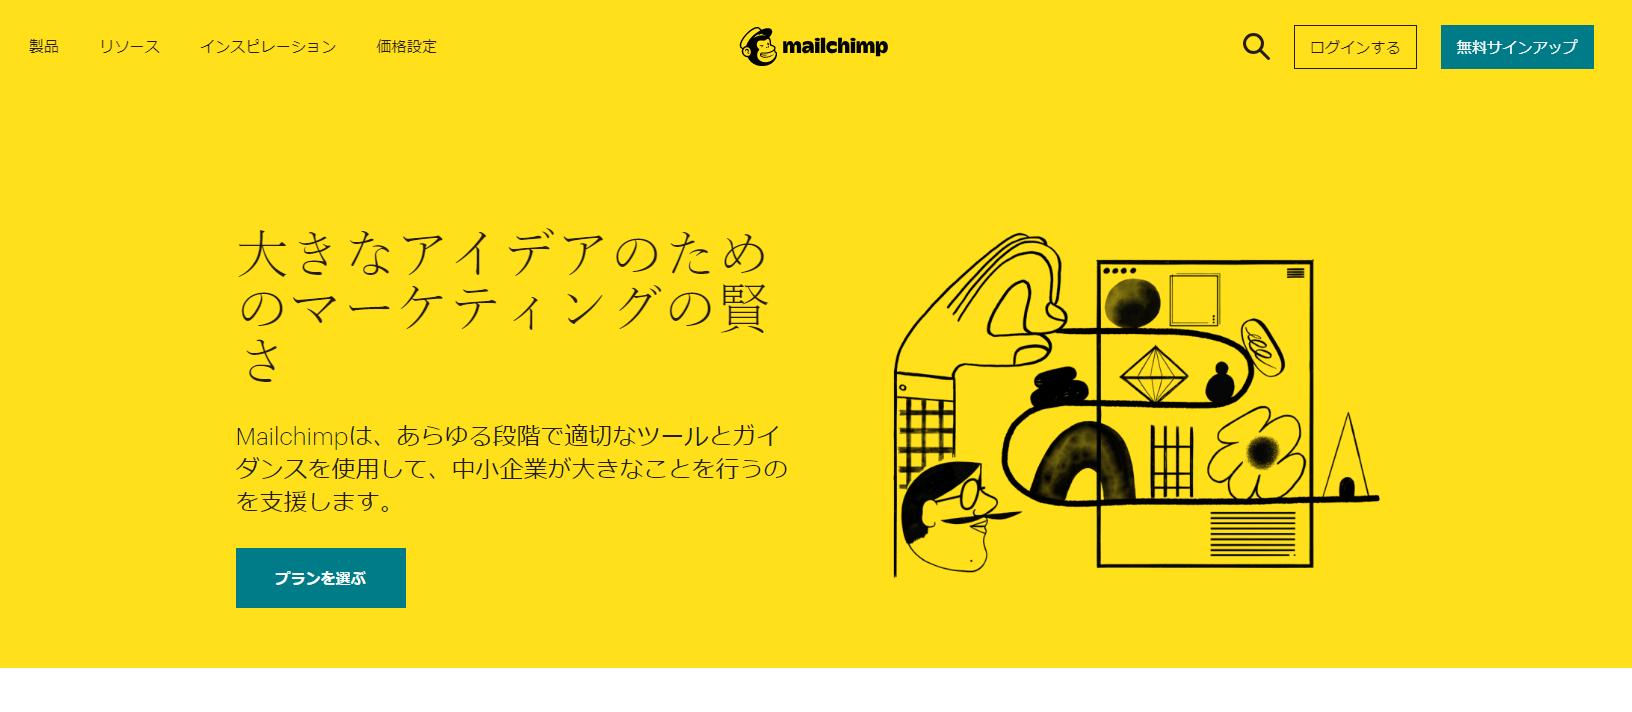 MailChimp(メイルチンプ) 1